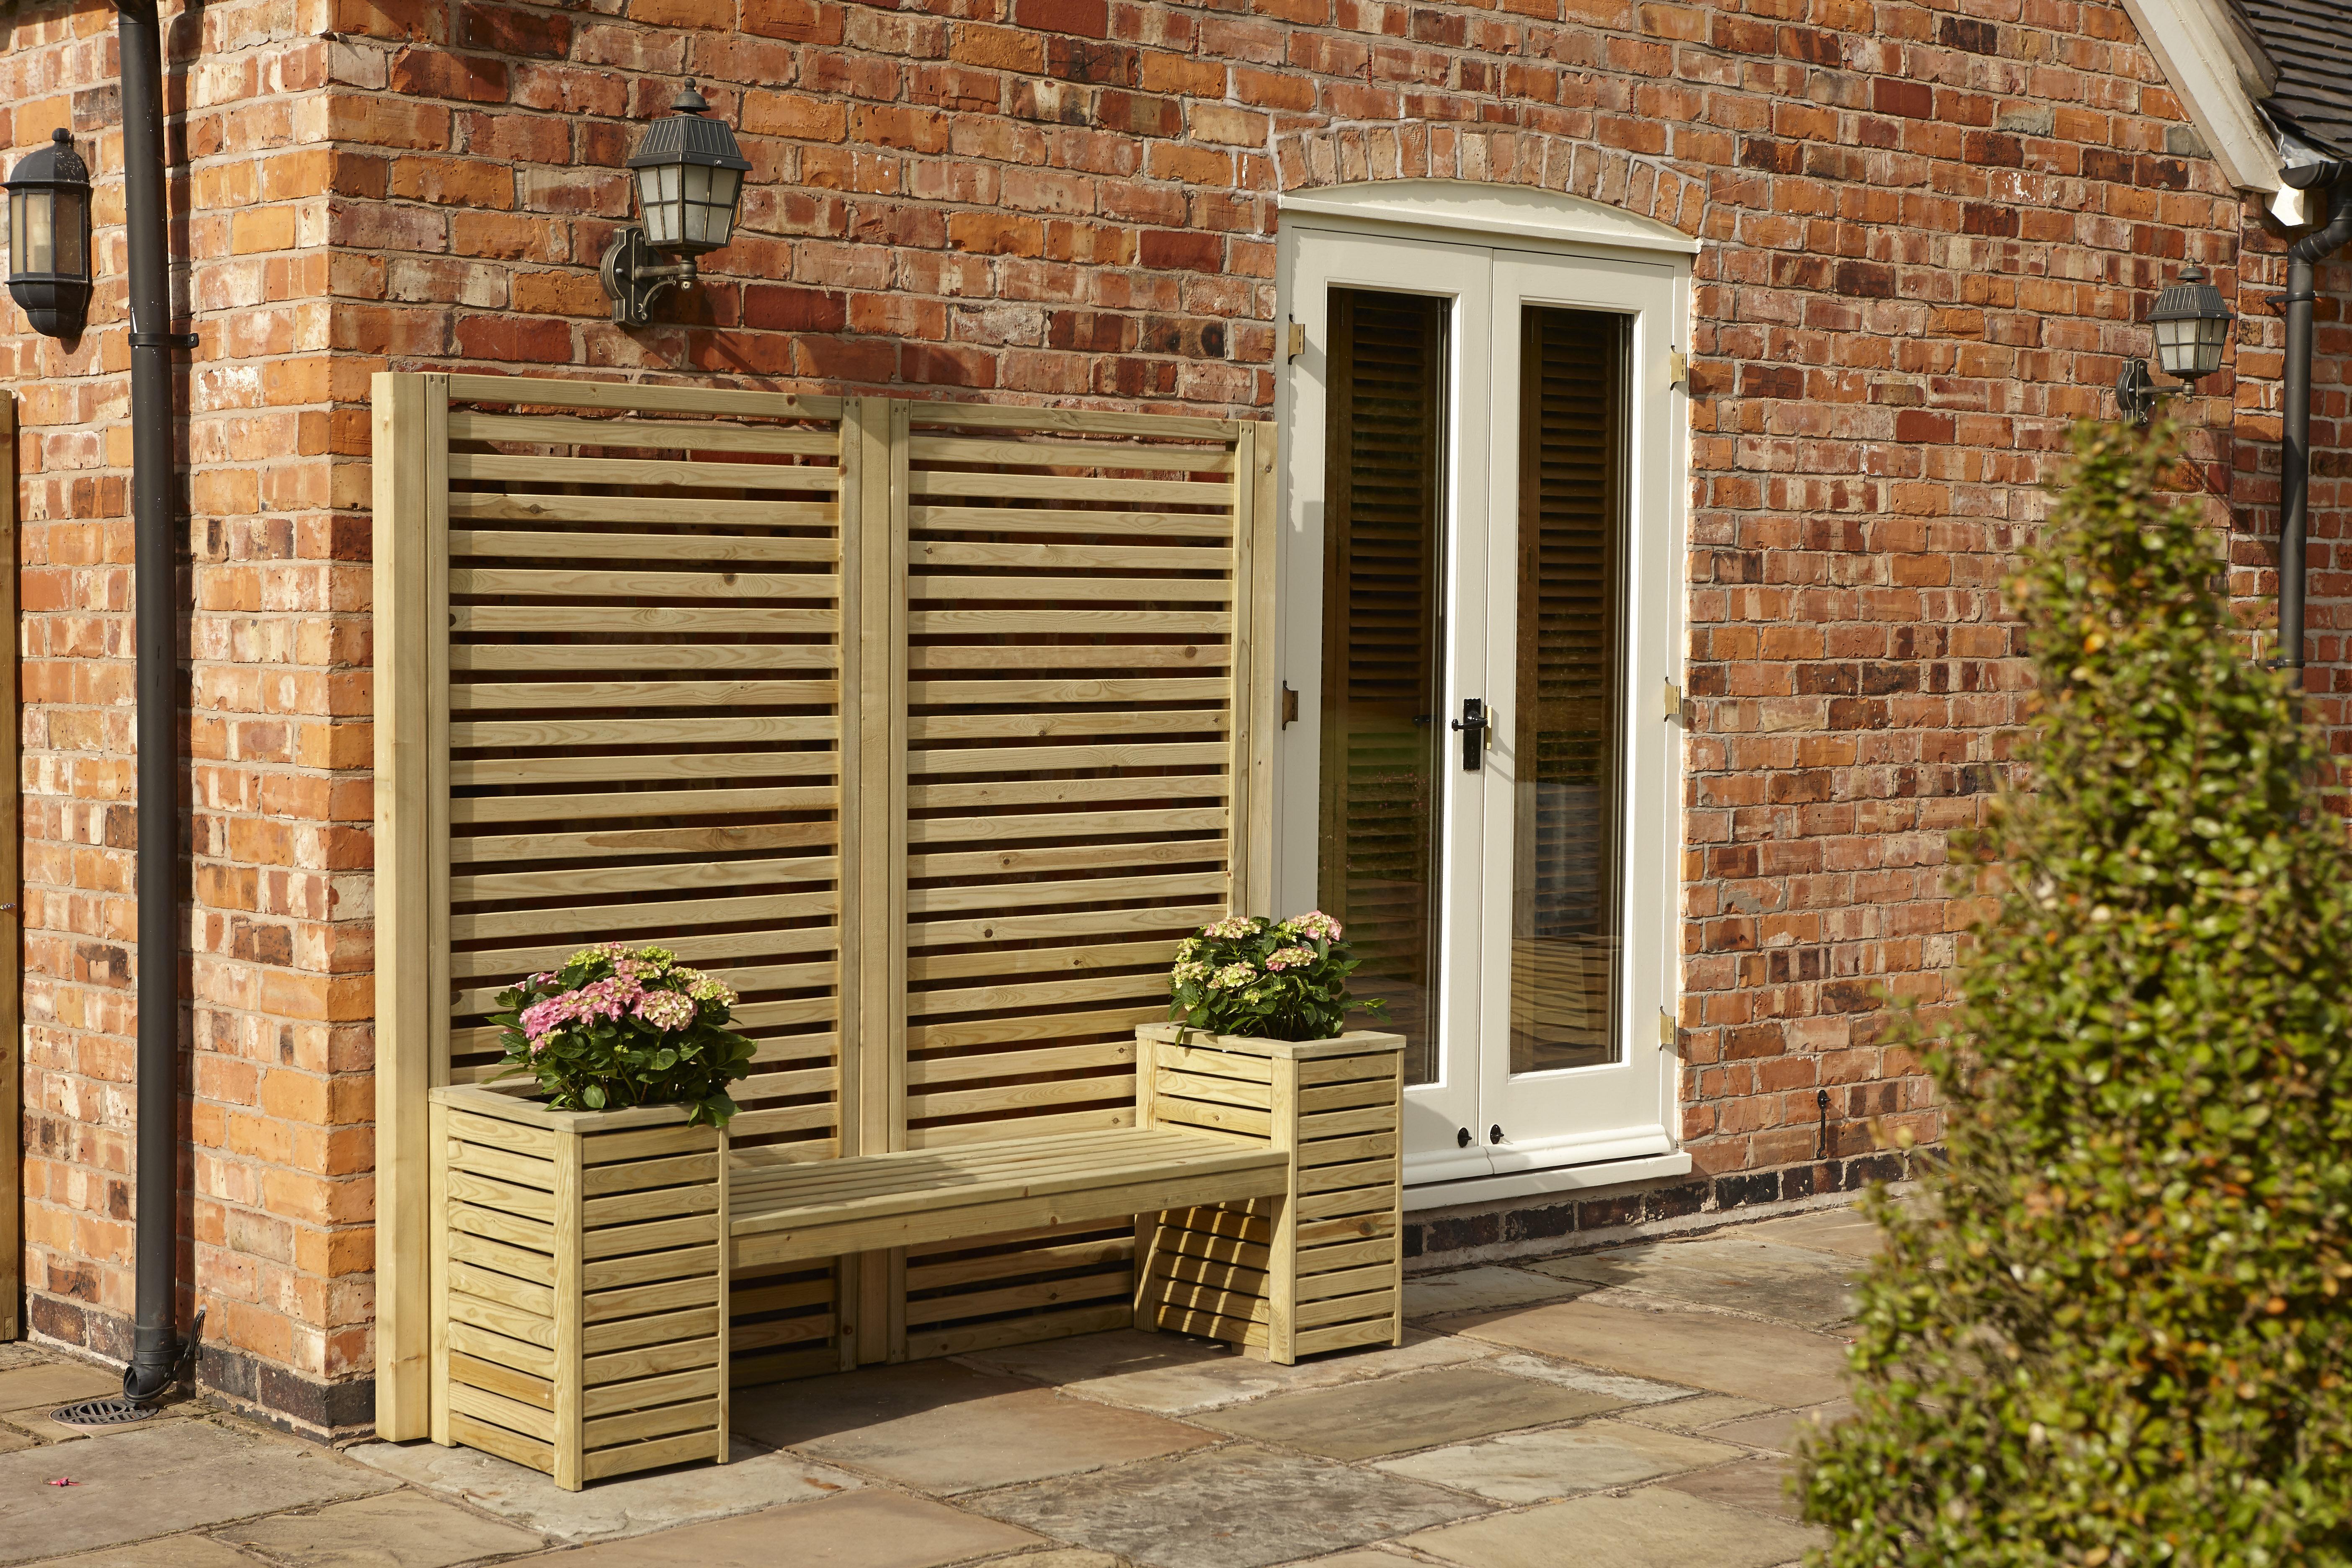 Garten Living Sitzbank Mit Blumenkasten Lampman Aus Holz